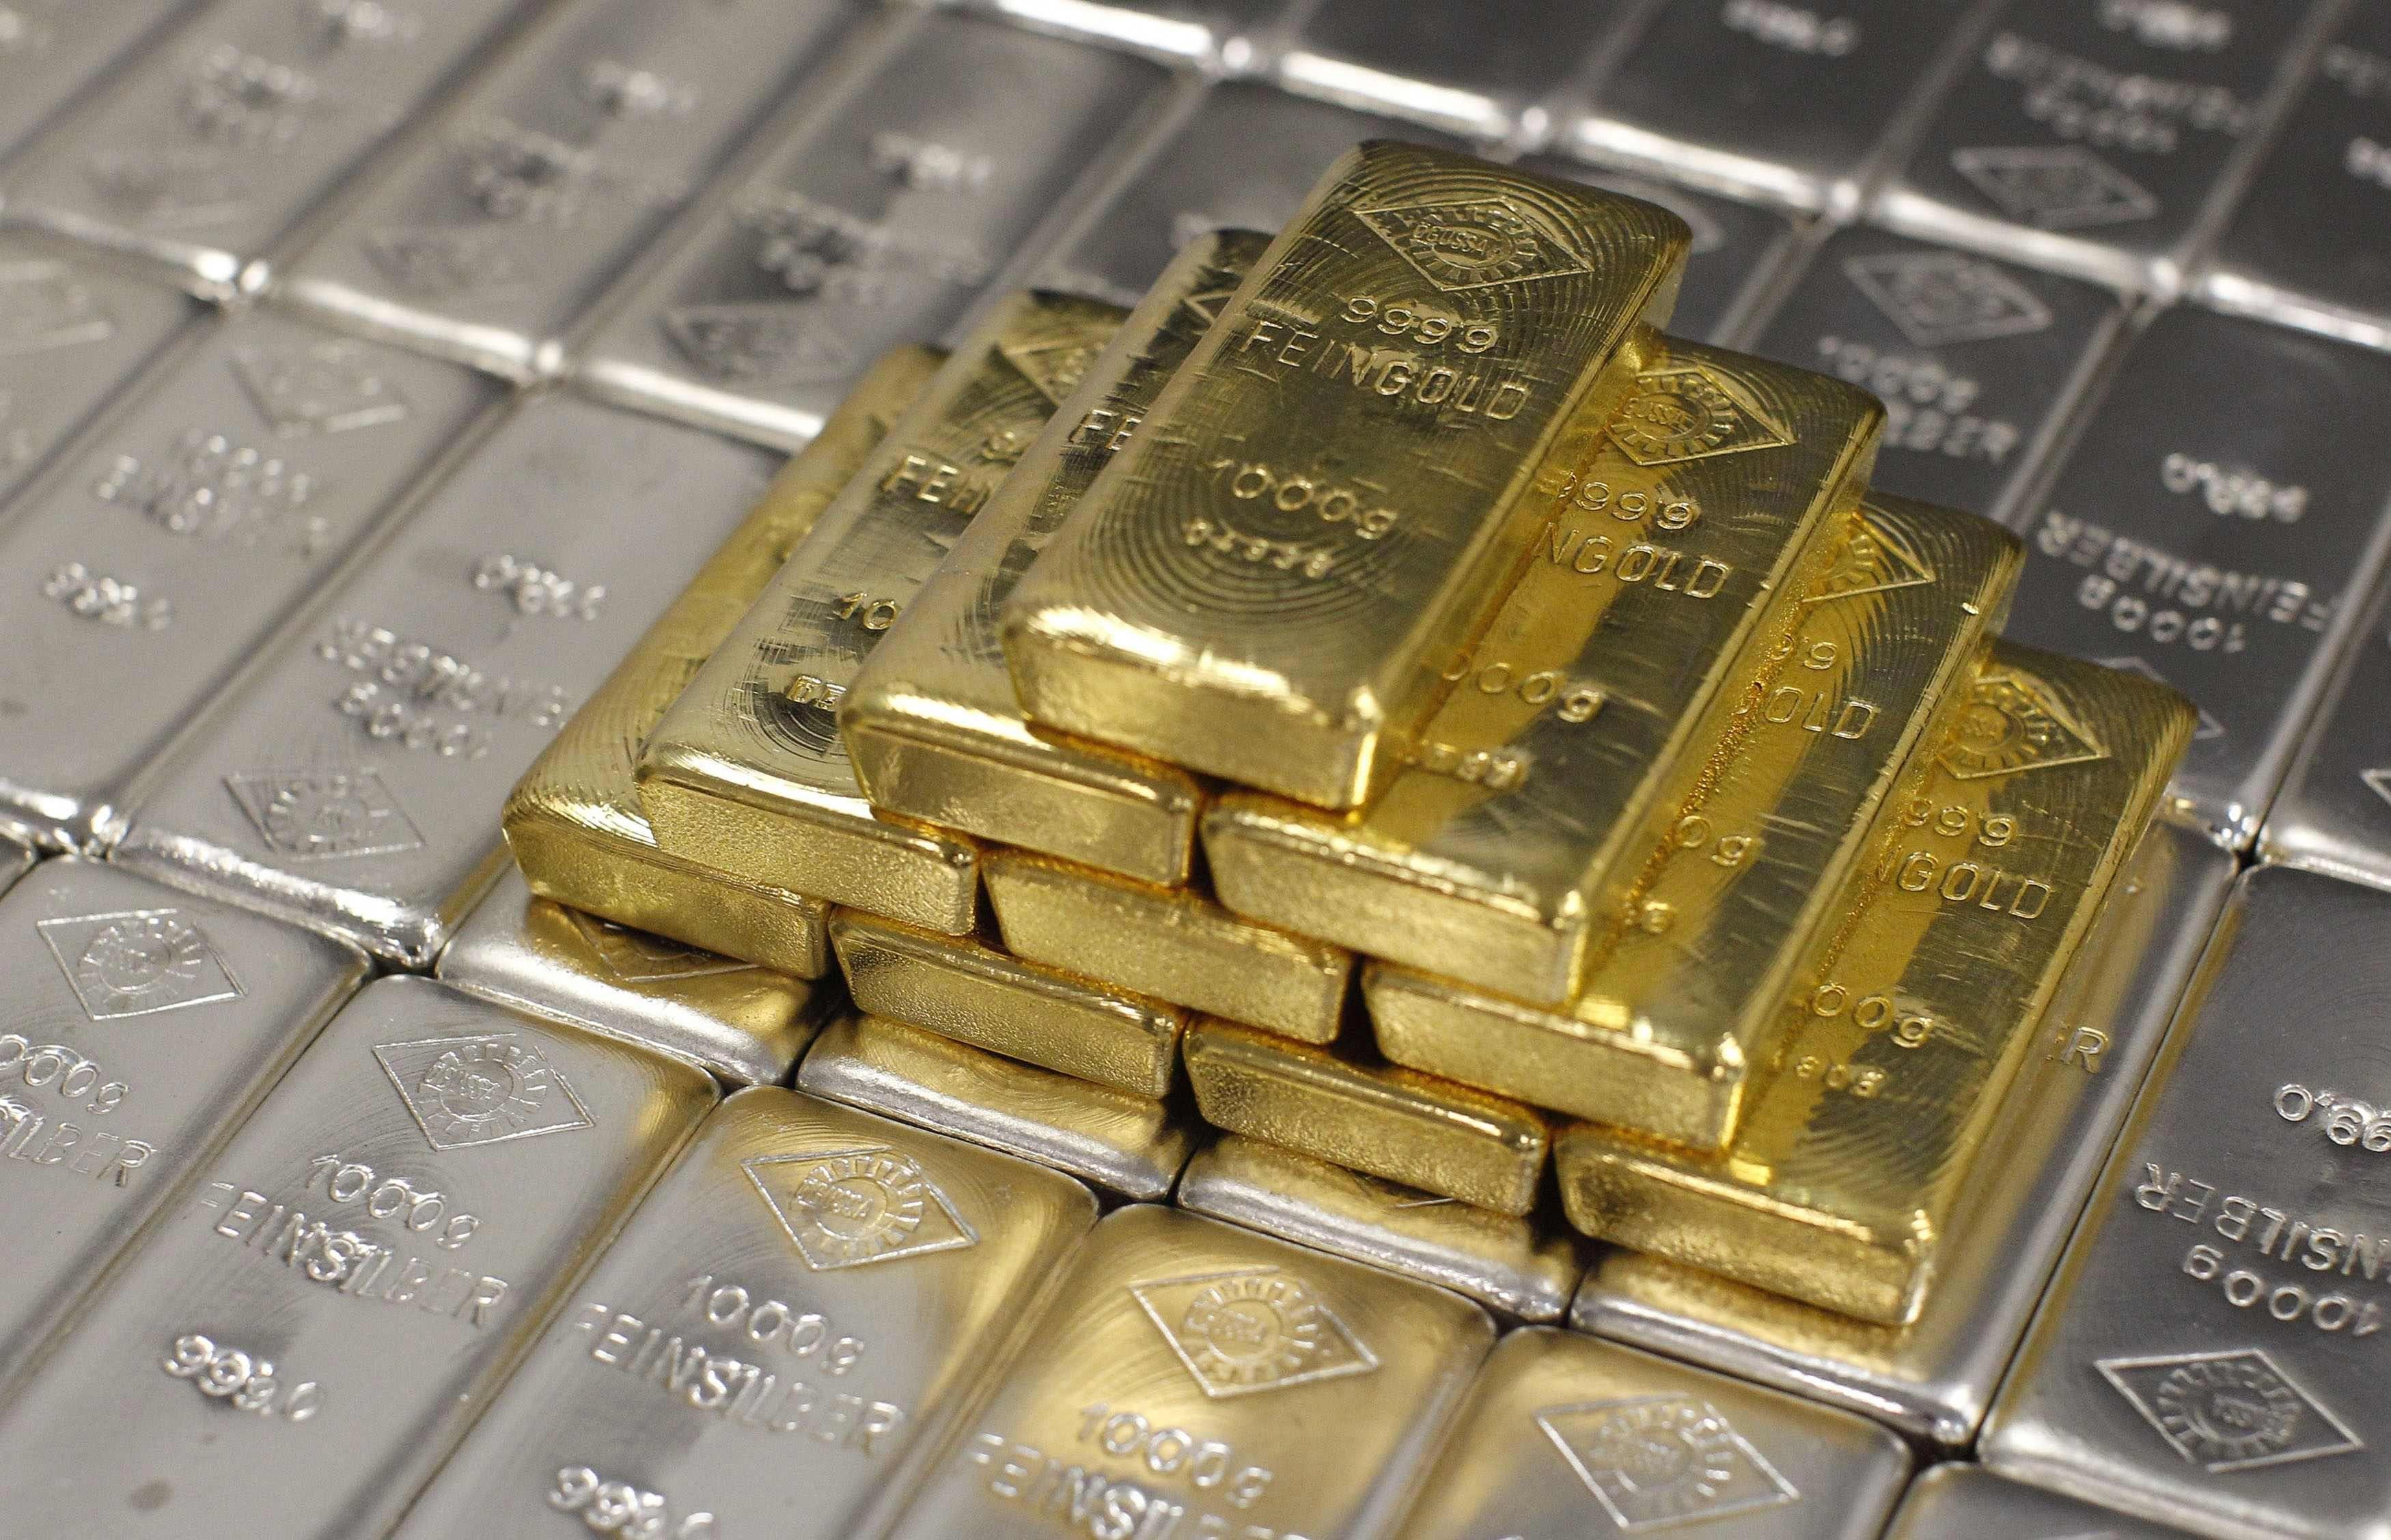 Во что инвестировать деньги золото кредит в залог недвижимости в харькове